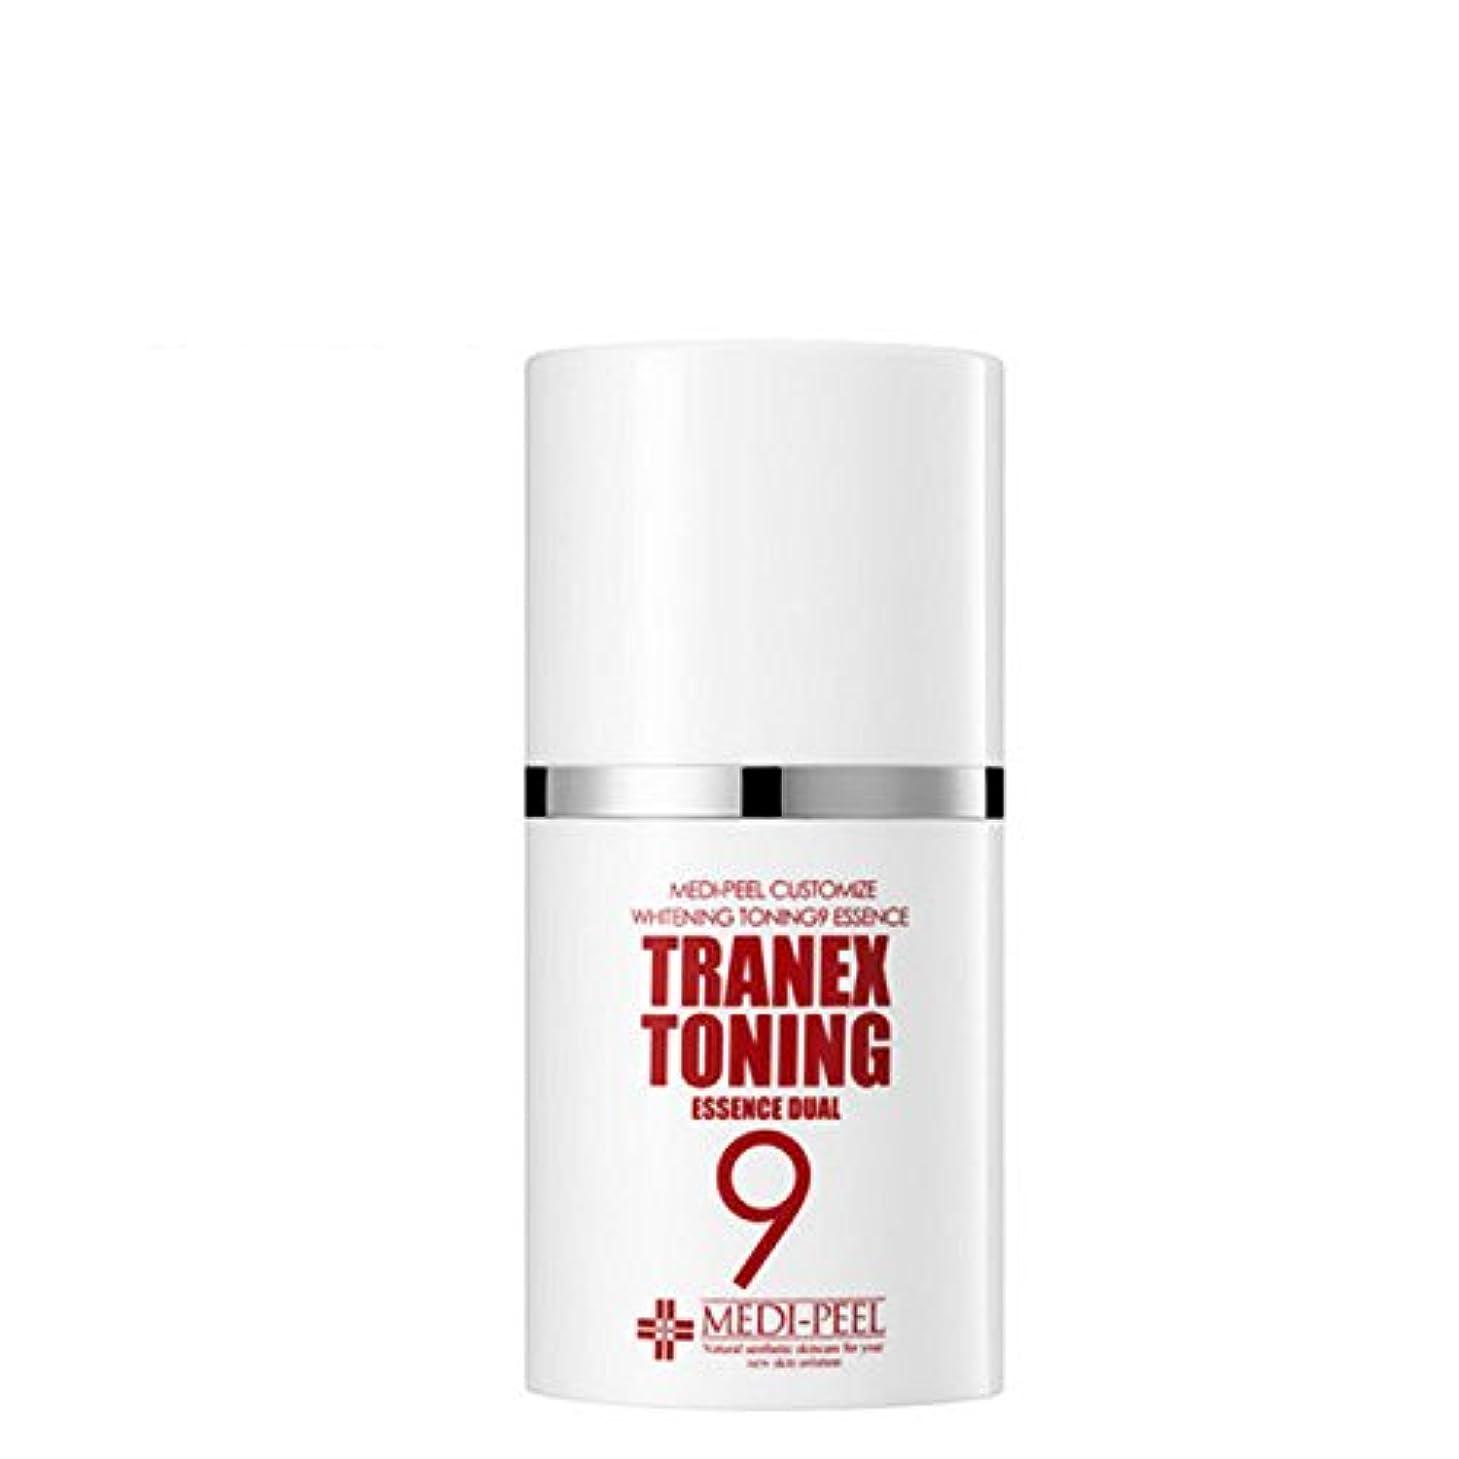 想起位置づけるずるいメディピールMEDI-PEEL TRANEXトーニング9エッセンスデュアル50ml美白、シワ改善機能性化粧品 [並行輸入品]